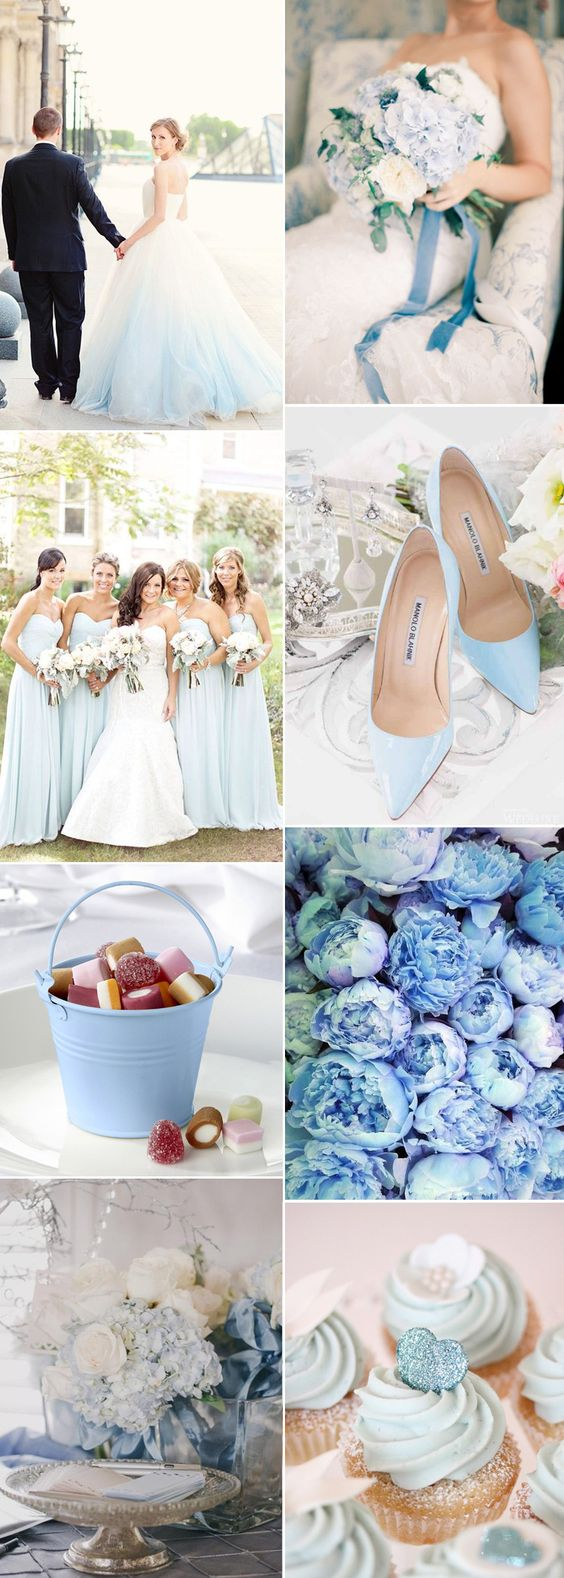 decoracao casamento azul 3